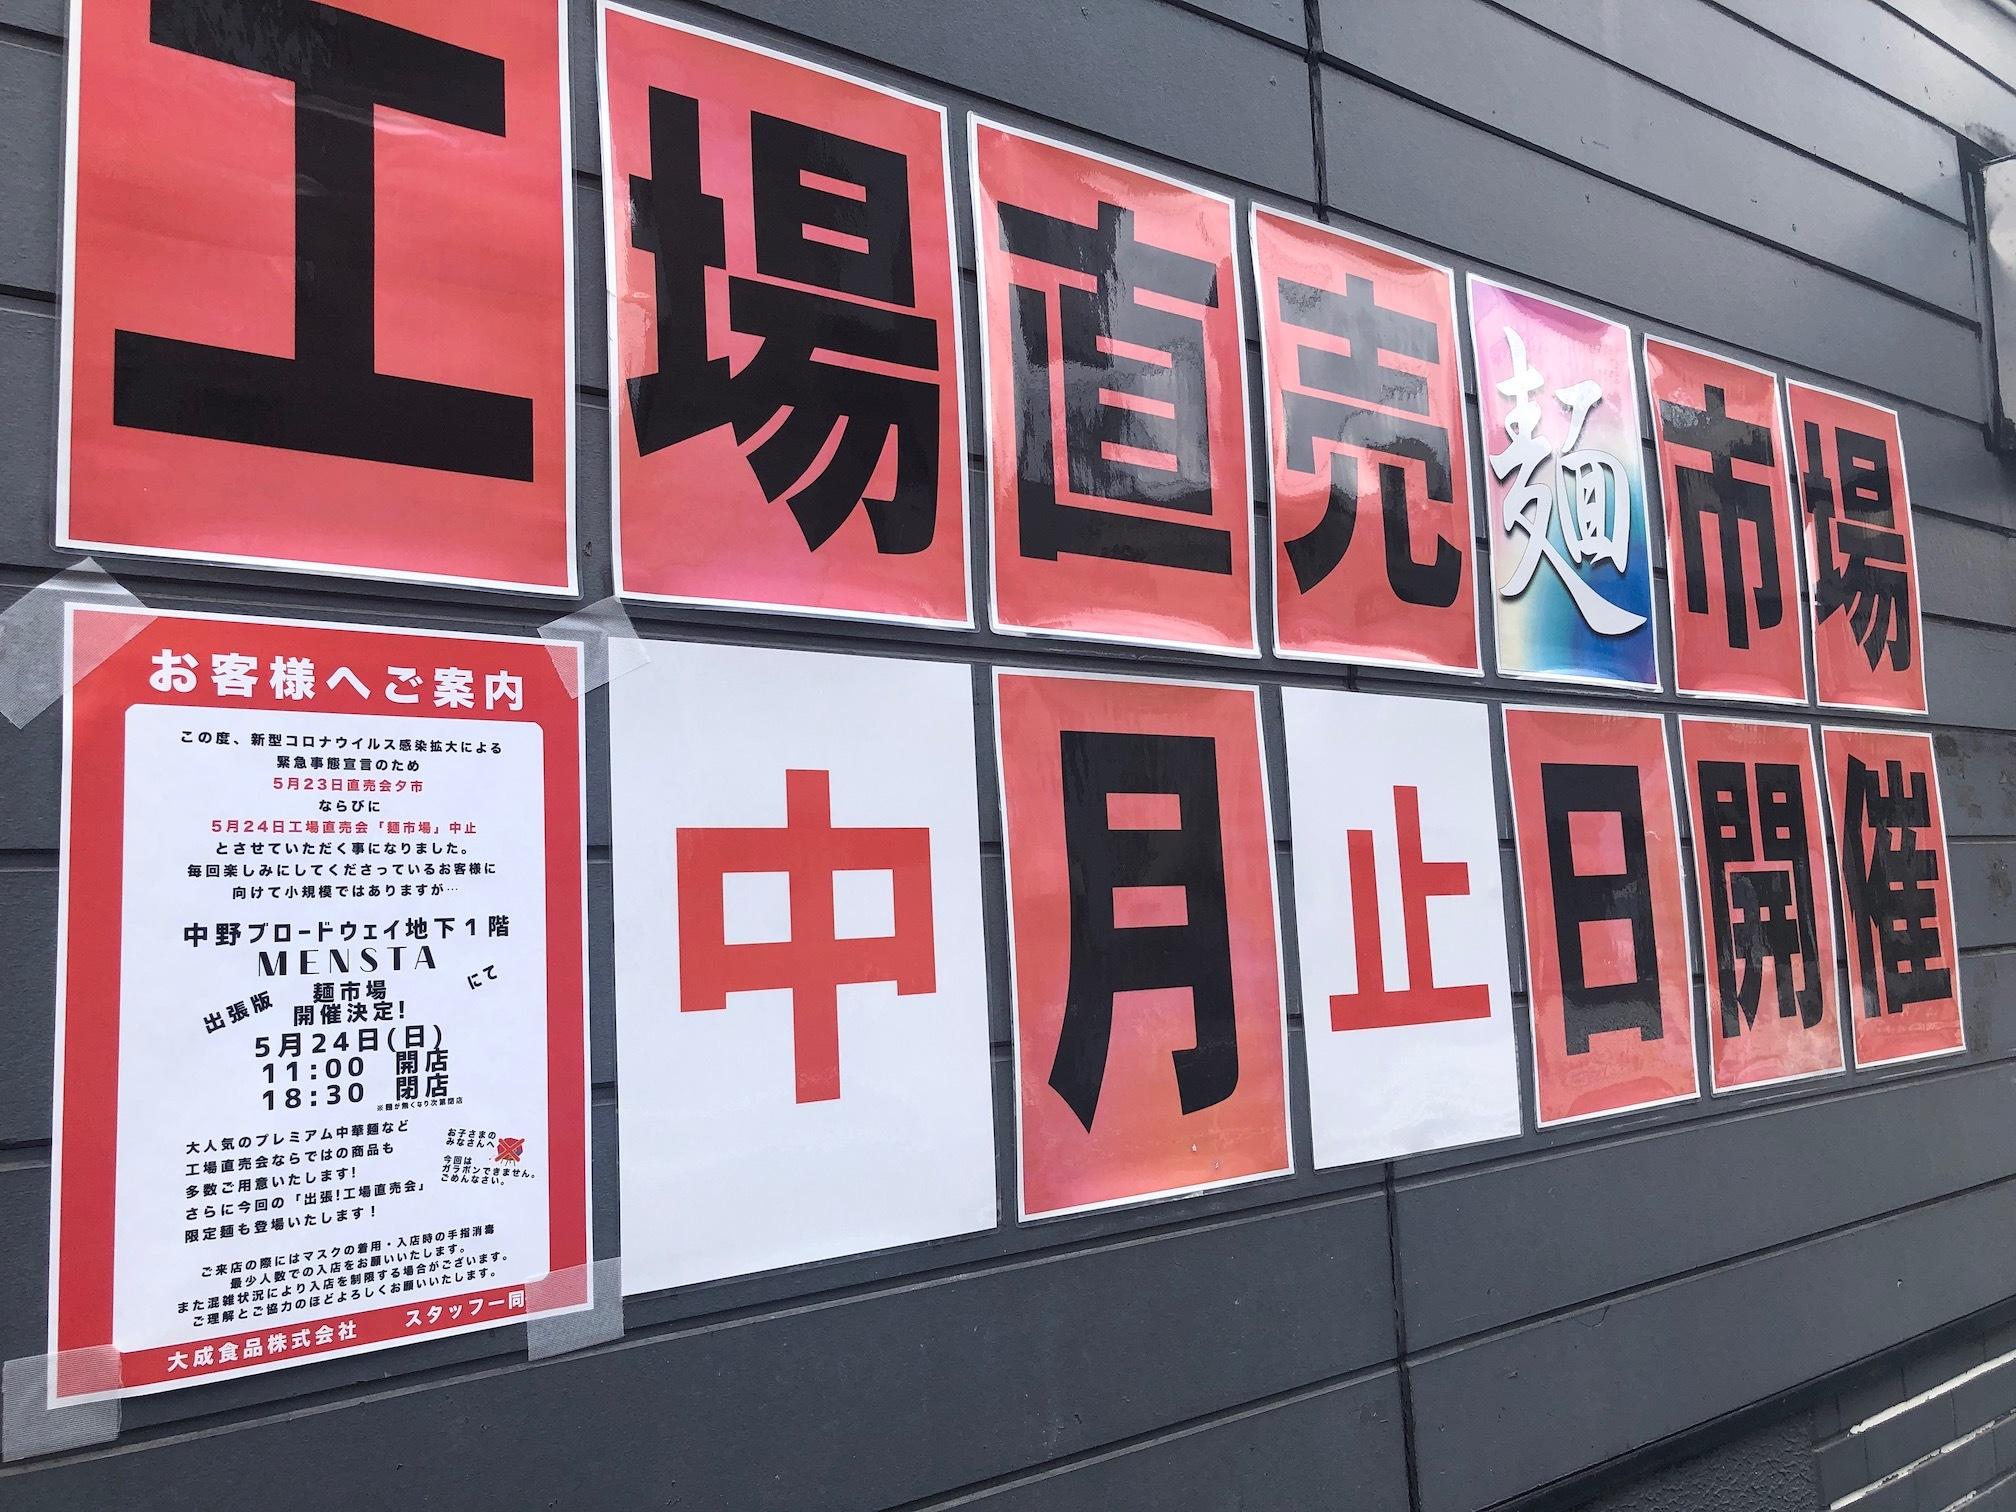 5月の工場直売大成麺市場は新型コロナウイルス感染拡大防止のため開催中止